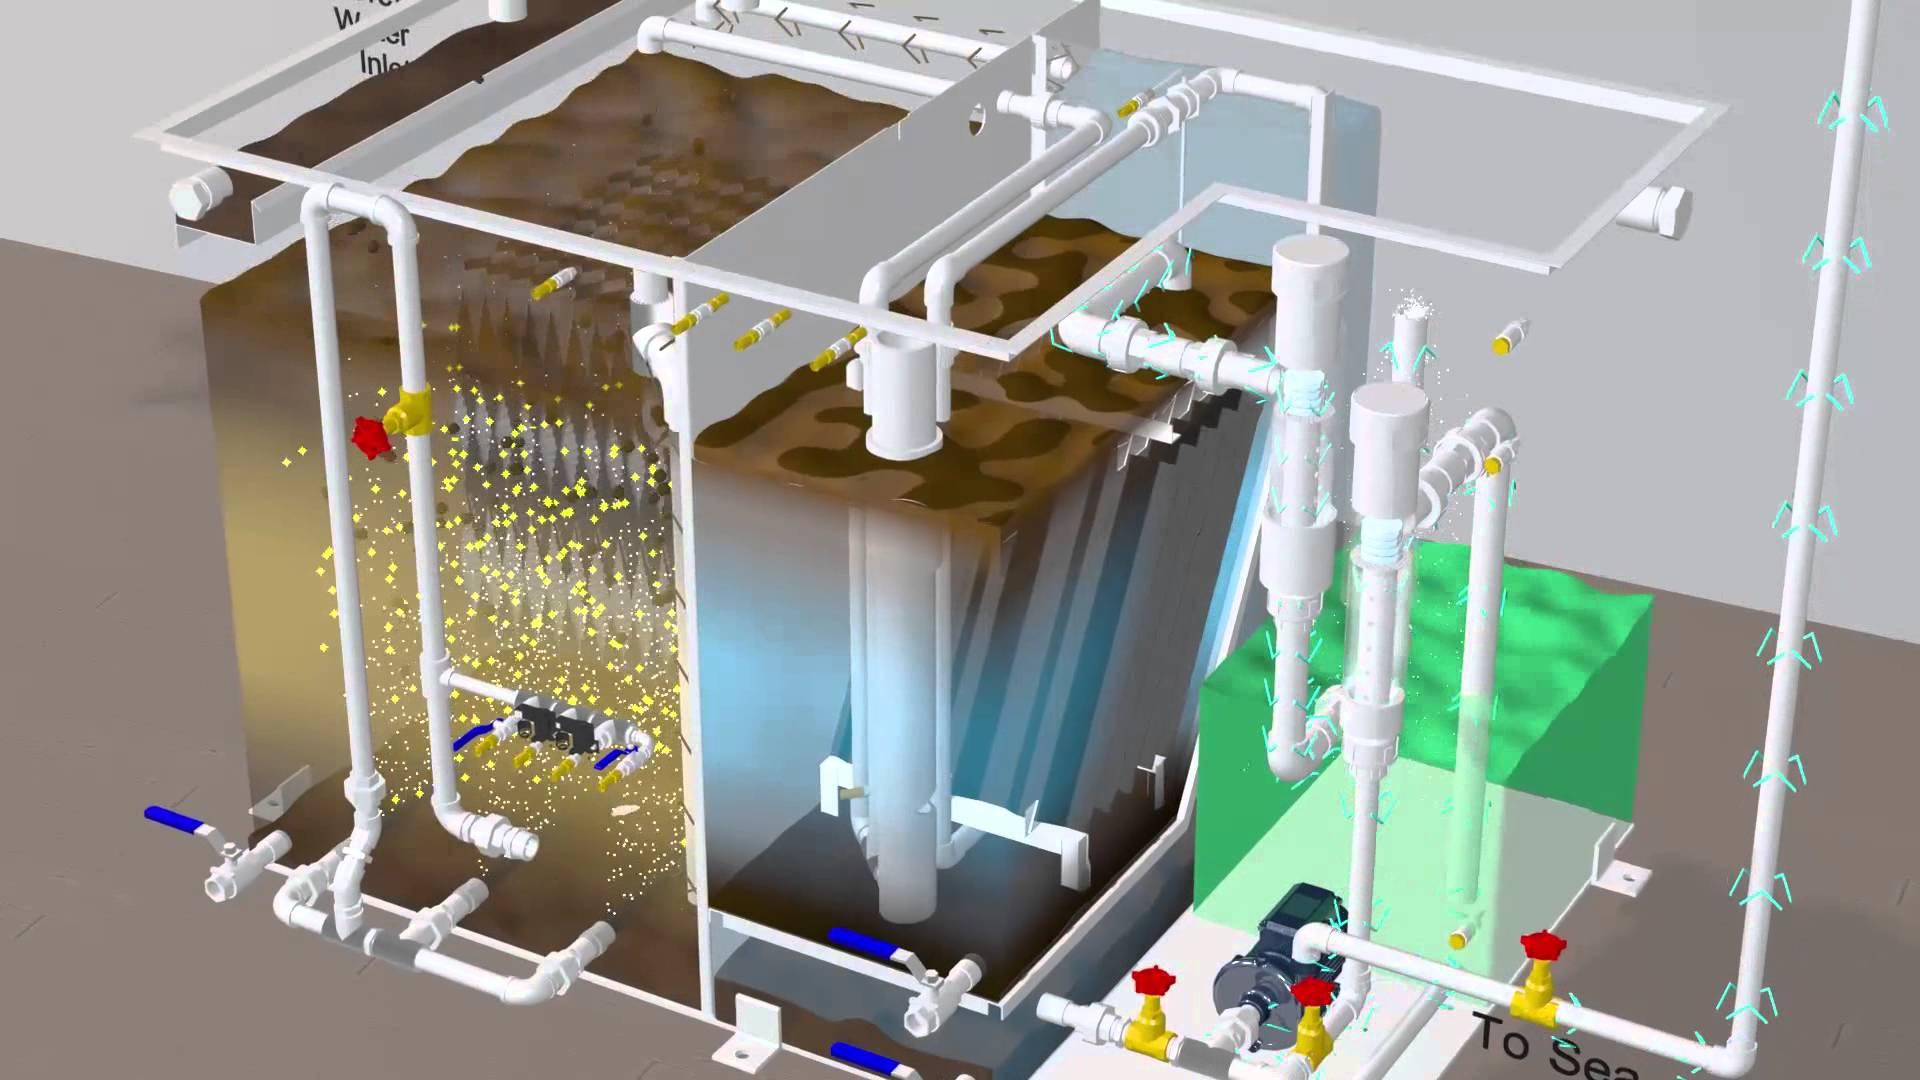 Mechanizm filtrowania przydomowej oczyszczalni